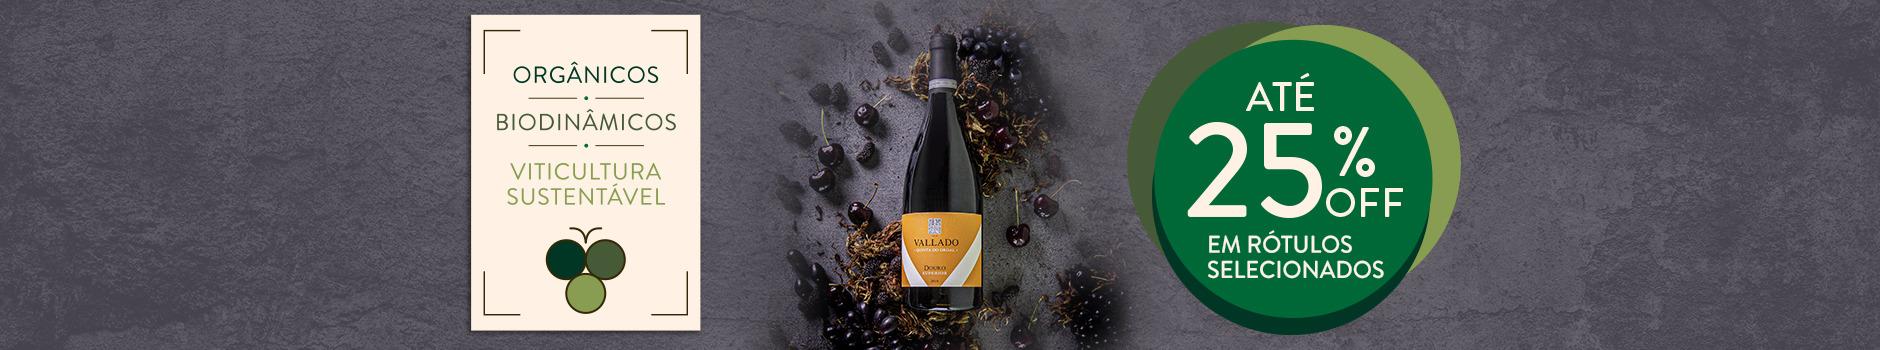 Vinhos orgânicos, biodinâmicos e de viticultura sustentável